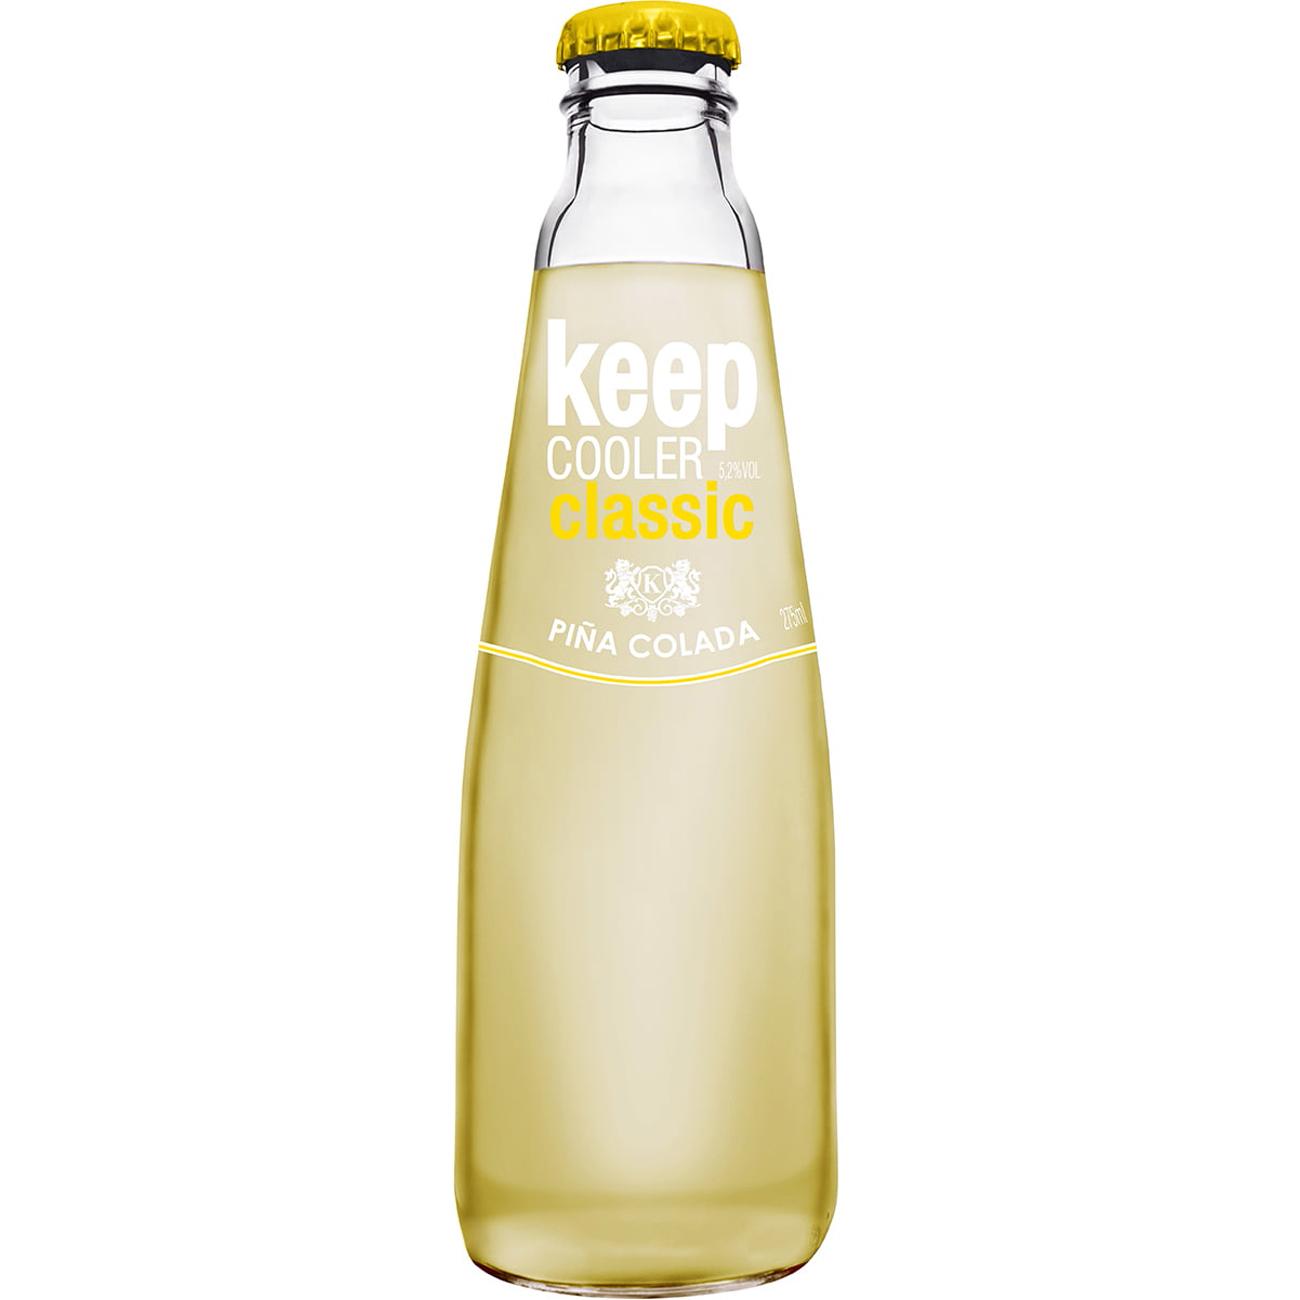 Keep Cooler Pinacolada 275 Ml